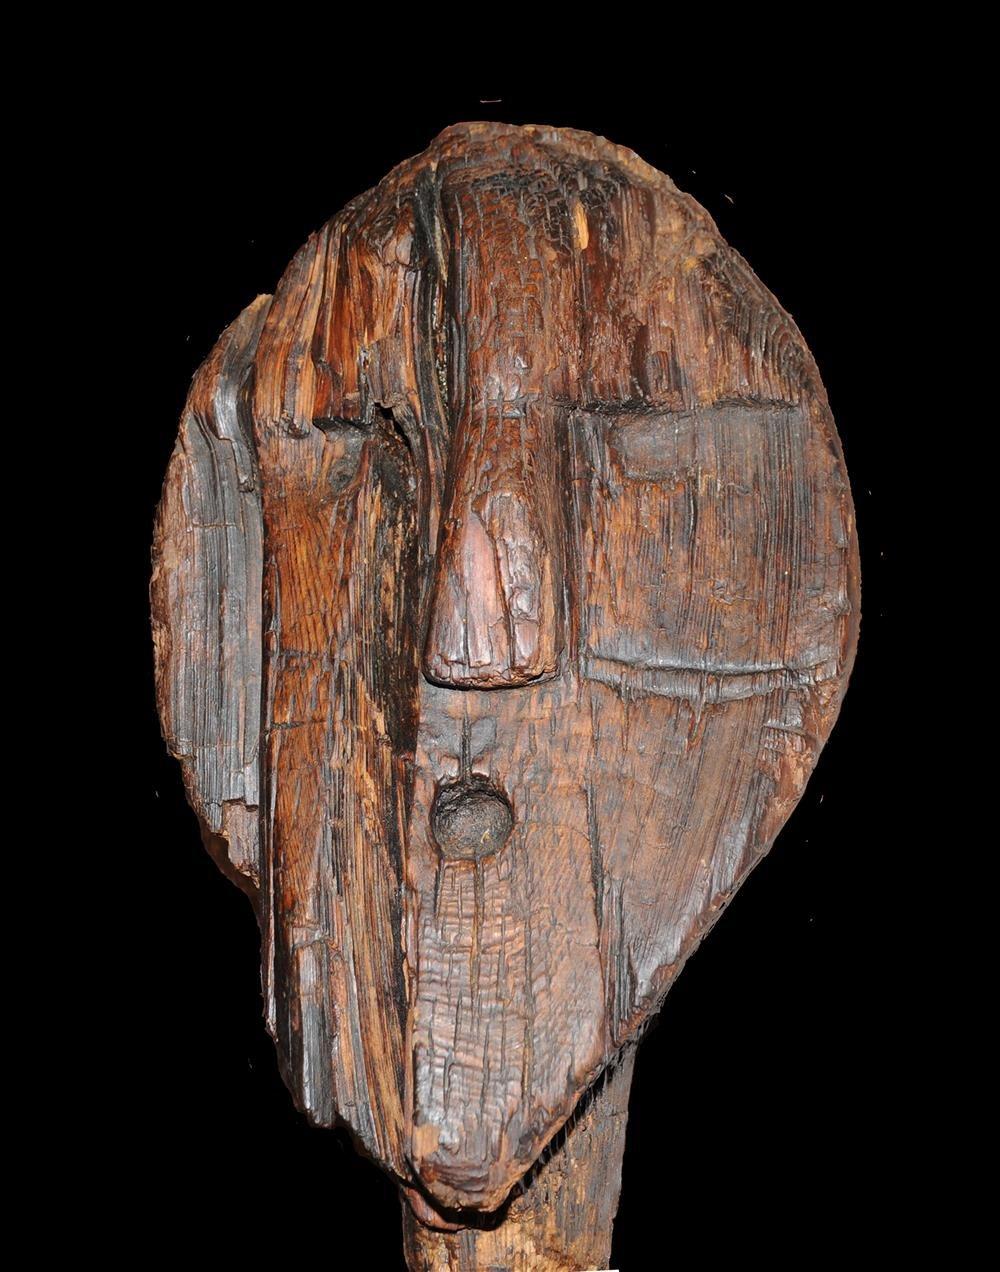 El Ídolo de Shigir es la escultura de madera más antigua del mundo